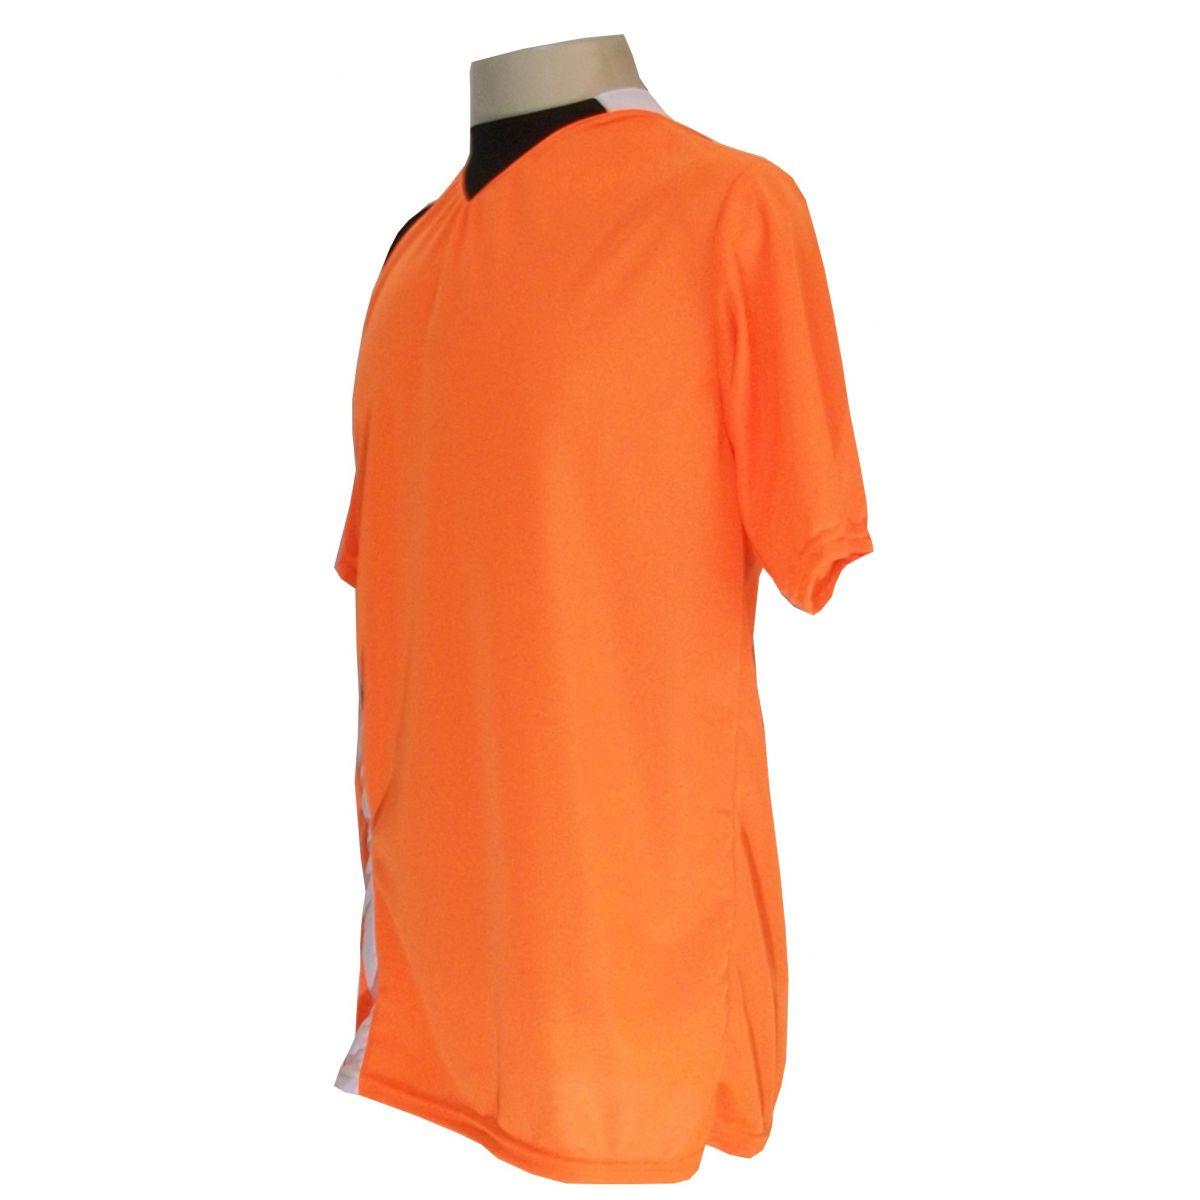 Uniforme Esportivo com 14 camisas modelo PSG Laranja/Preto/Branco + 14 calções modelo Madrid + 1 Goleiro + Brindes